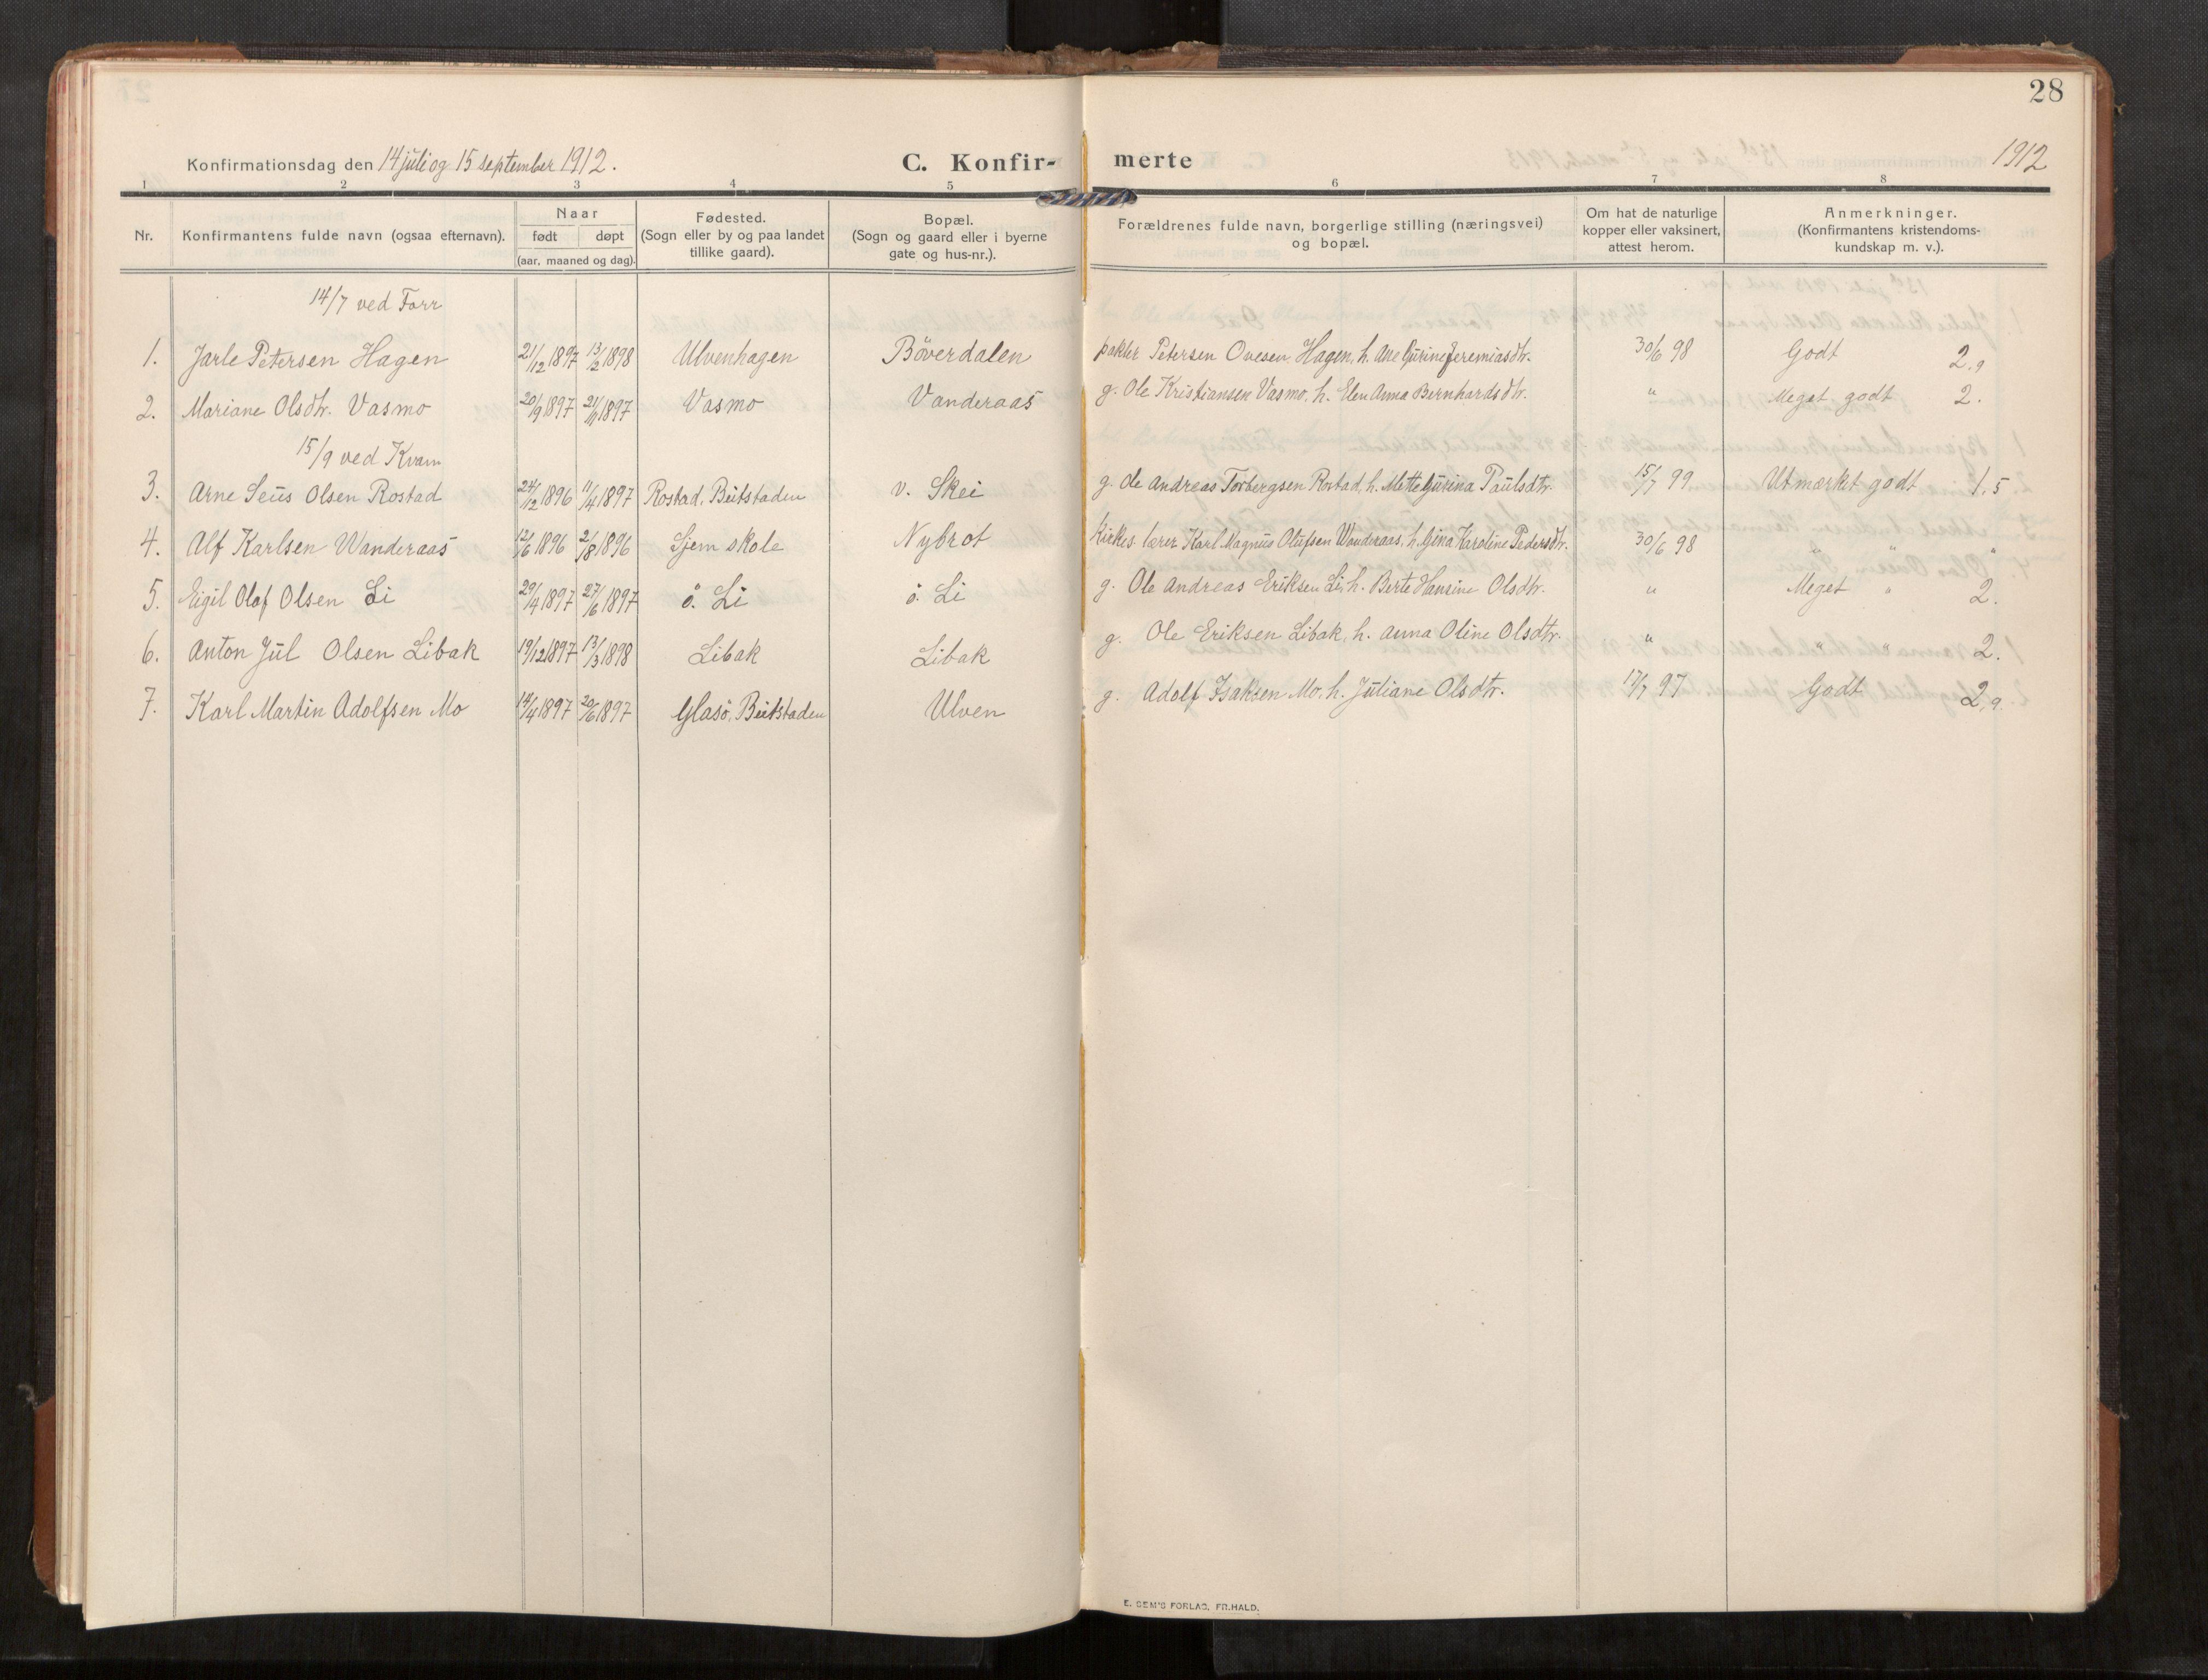 SAT, Stod sokneprestkontor, I/I1/I1a/L0003: Parish register (official) no. 3, 1909-1934, p. 28